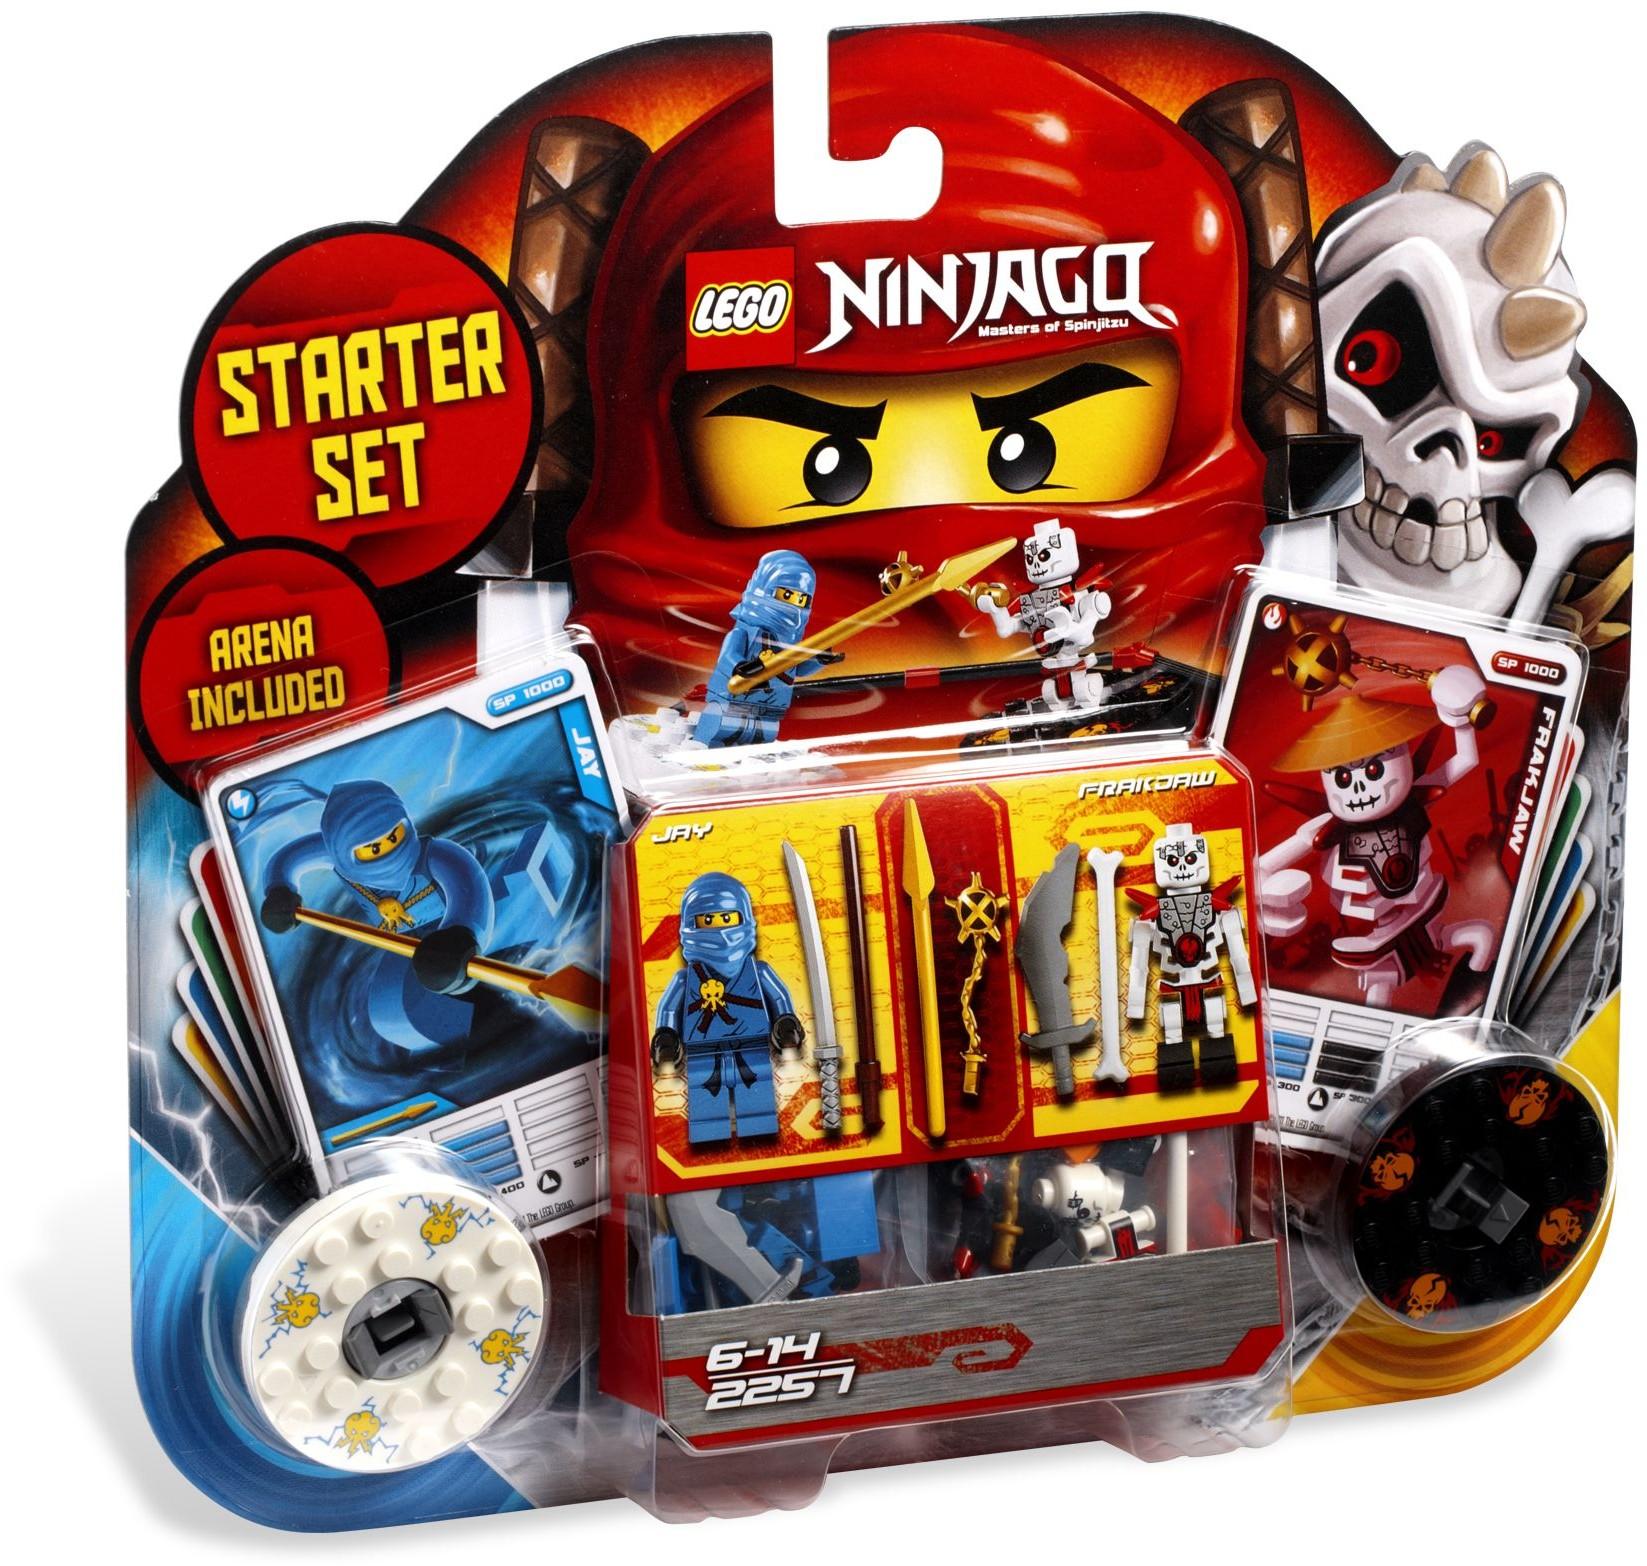 LEGO Ninjago 2257 Spinjitzu - základní sada